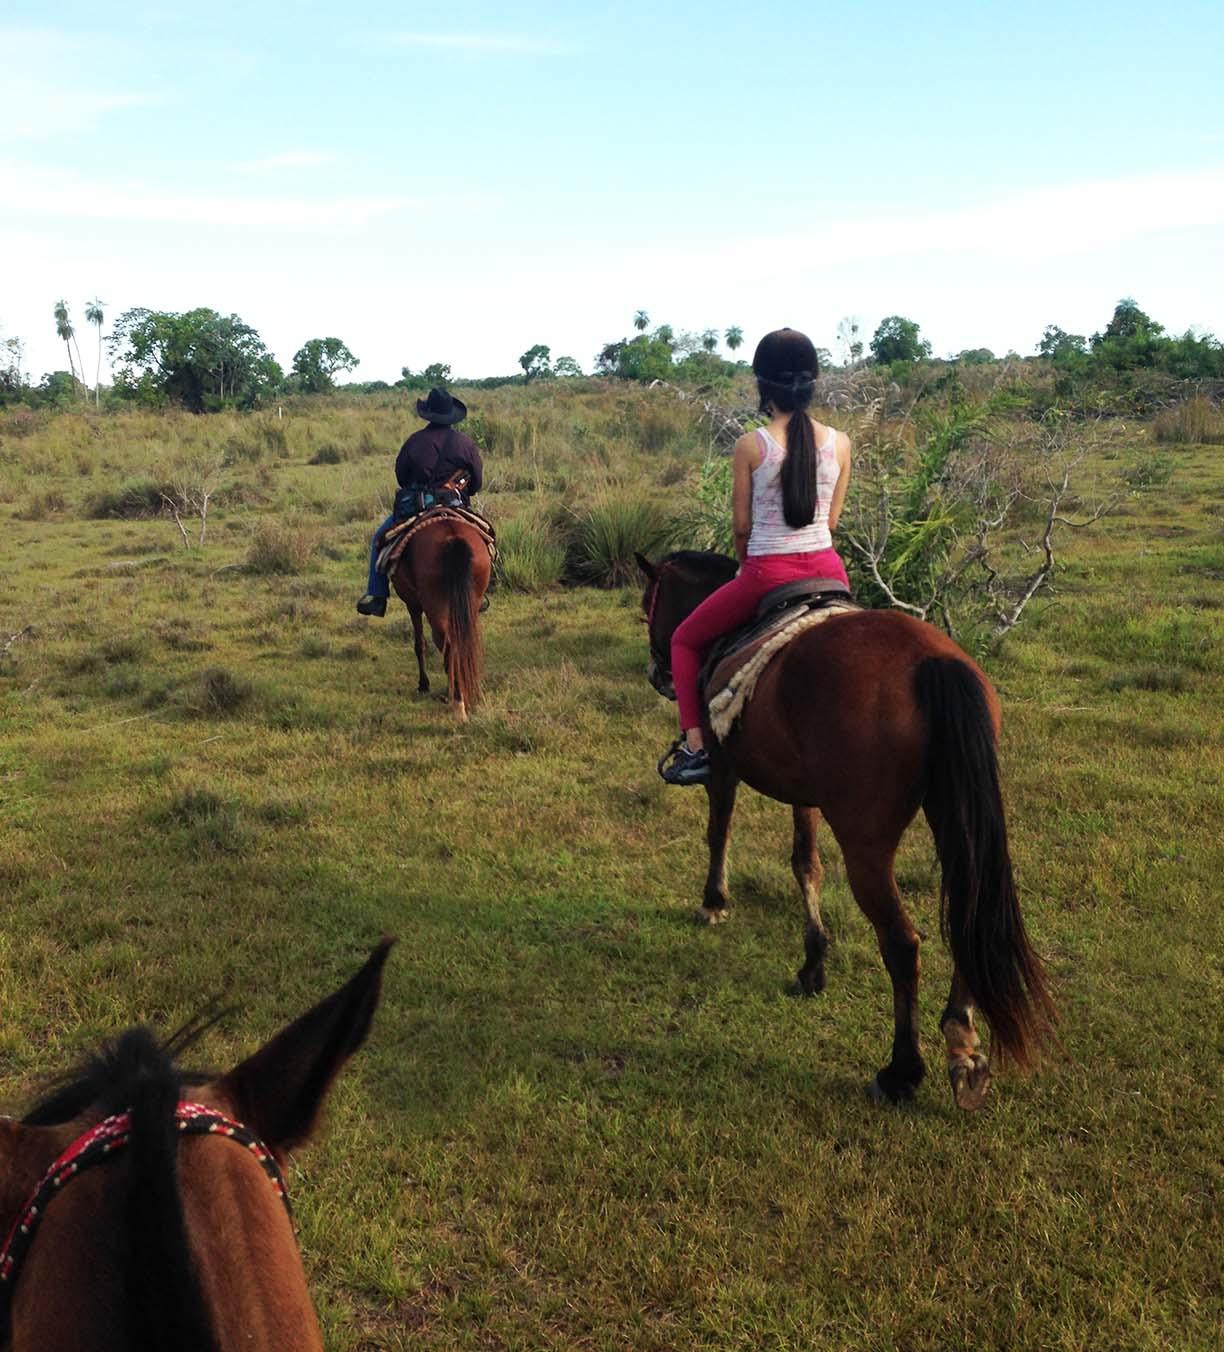 passeio a cavalo no pantanal pousada aguapé guia do estrangeiro